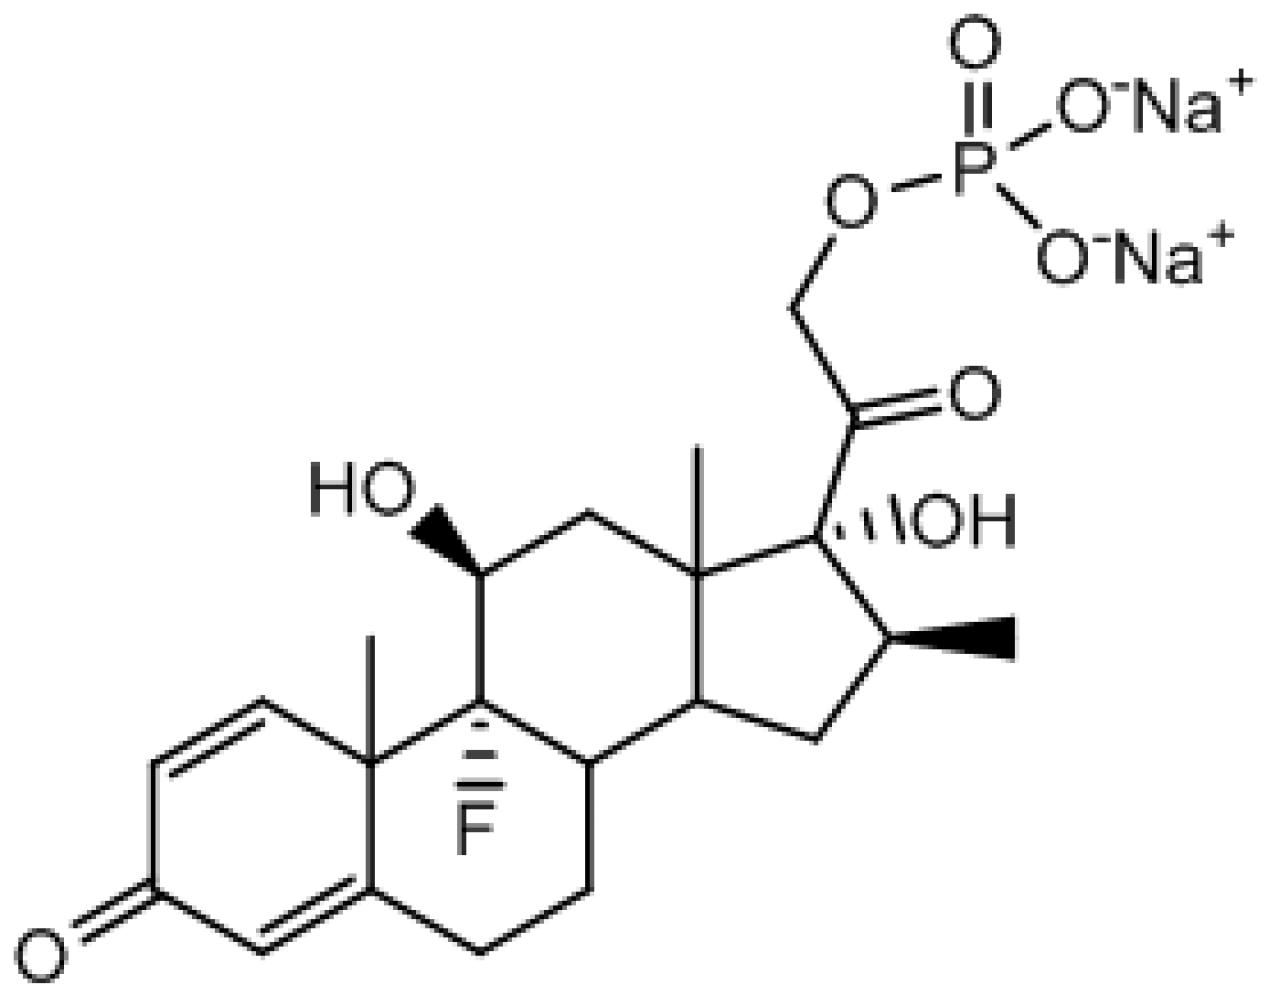 betamethasone-sodium-phosphate